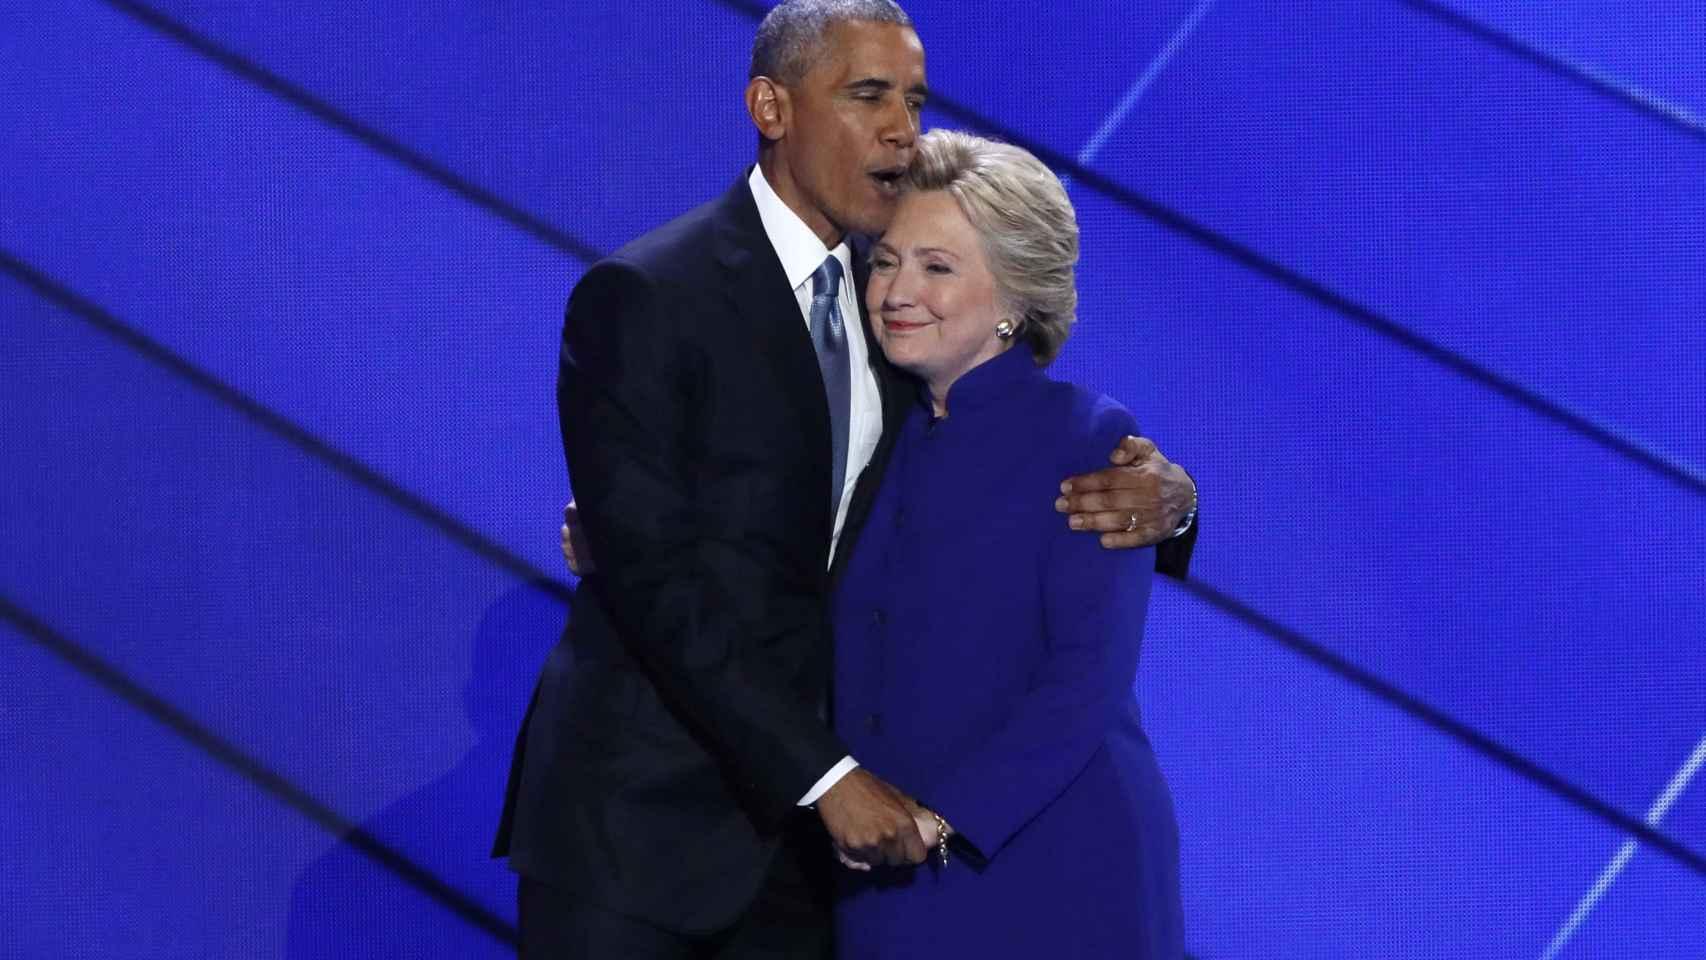 Obama abraza a Clinton durante la Convención nacional Demócrata.